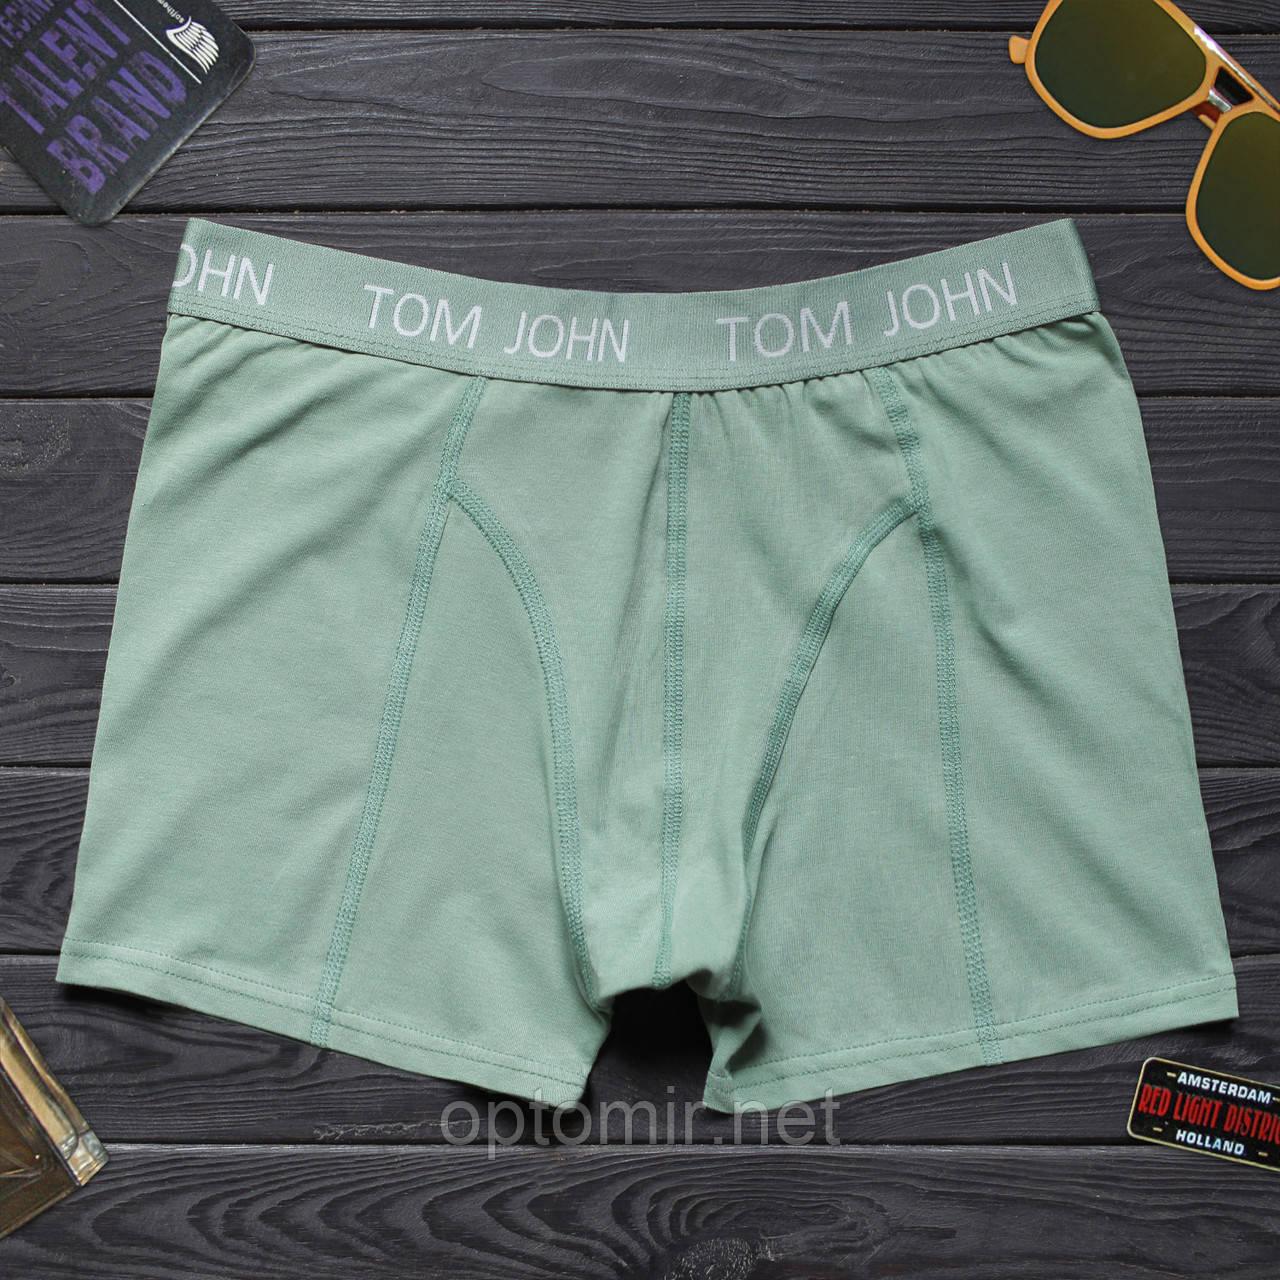 Трусы мужские боксеры Tom John Турция M, XL, 2XL | 1 шт.